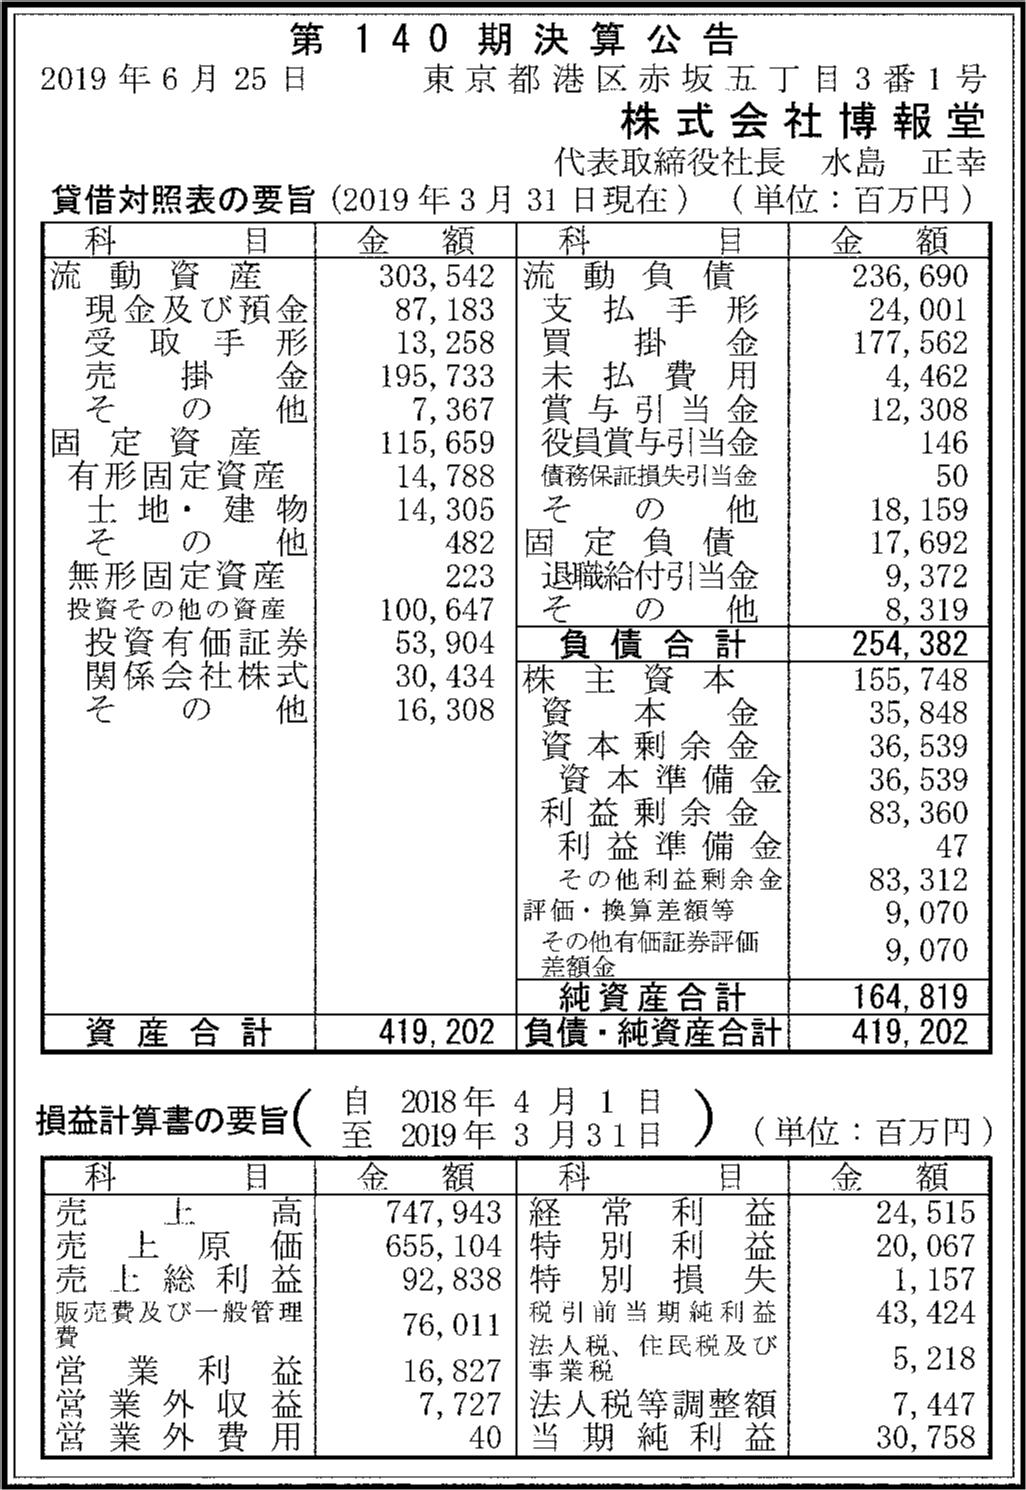 0155 3e9bcff7656cfa539be2720152efbbdaa1d9708af5d52fee73451ee8c4b3815b6b5d95feeea1dcefbe8f901eb6f756ebaa3b5d35caf2ccc903030771728efaa0 01